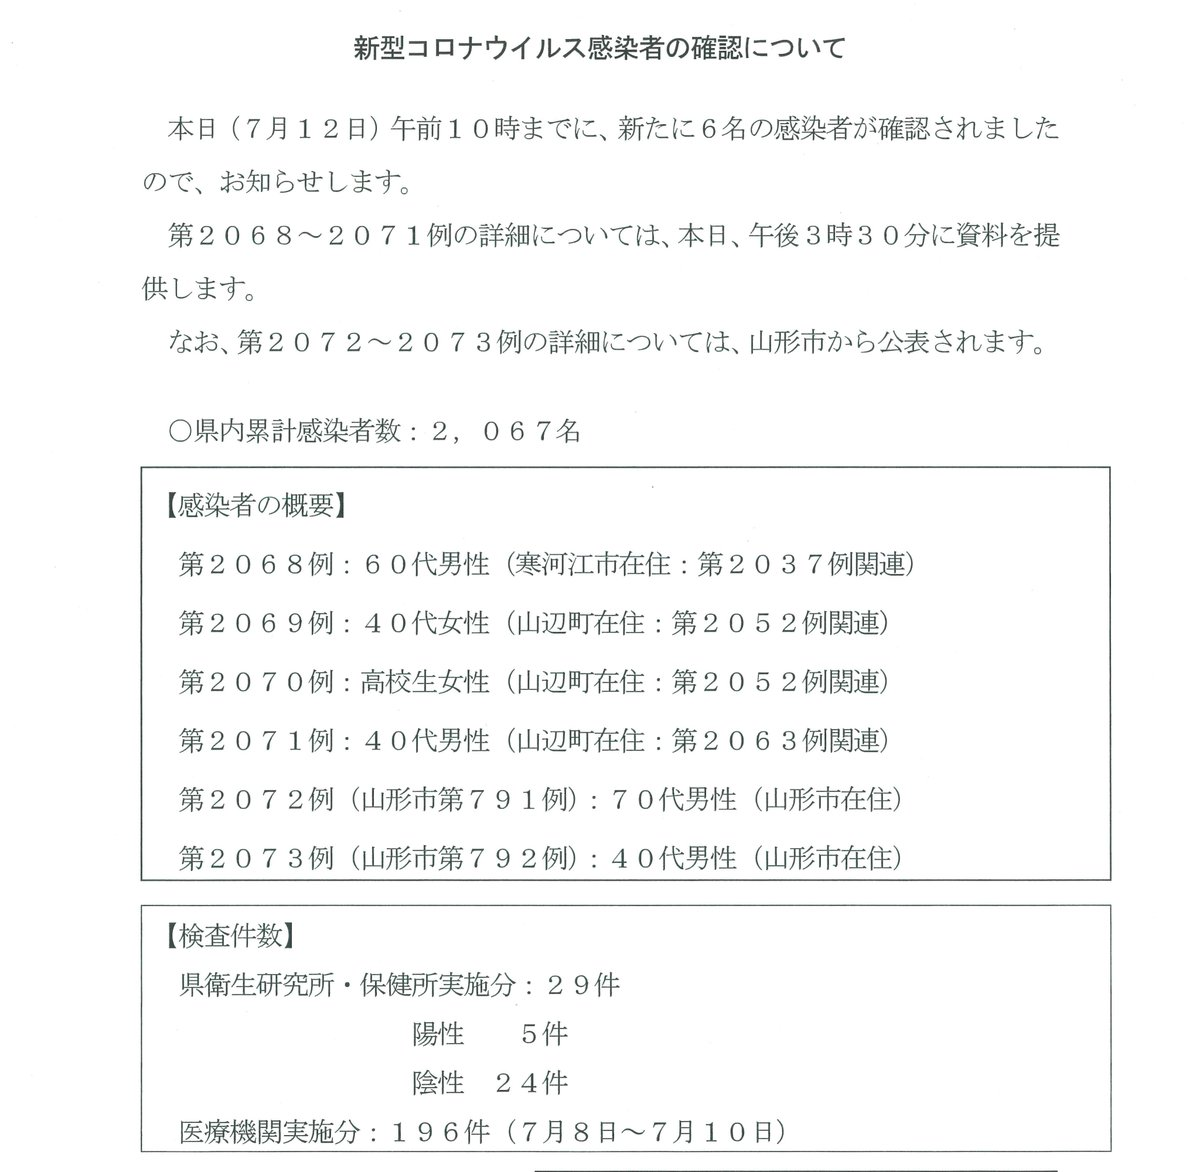 山形コロナツイッター 【速報】山形県で初コロナ!